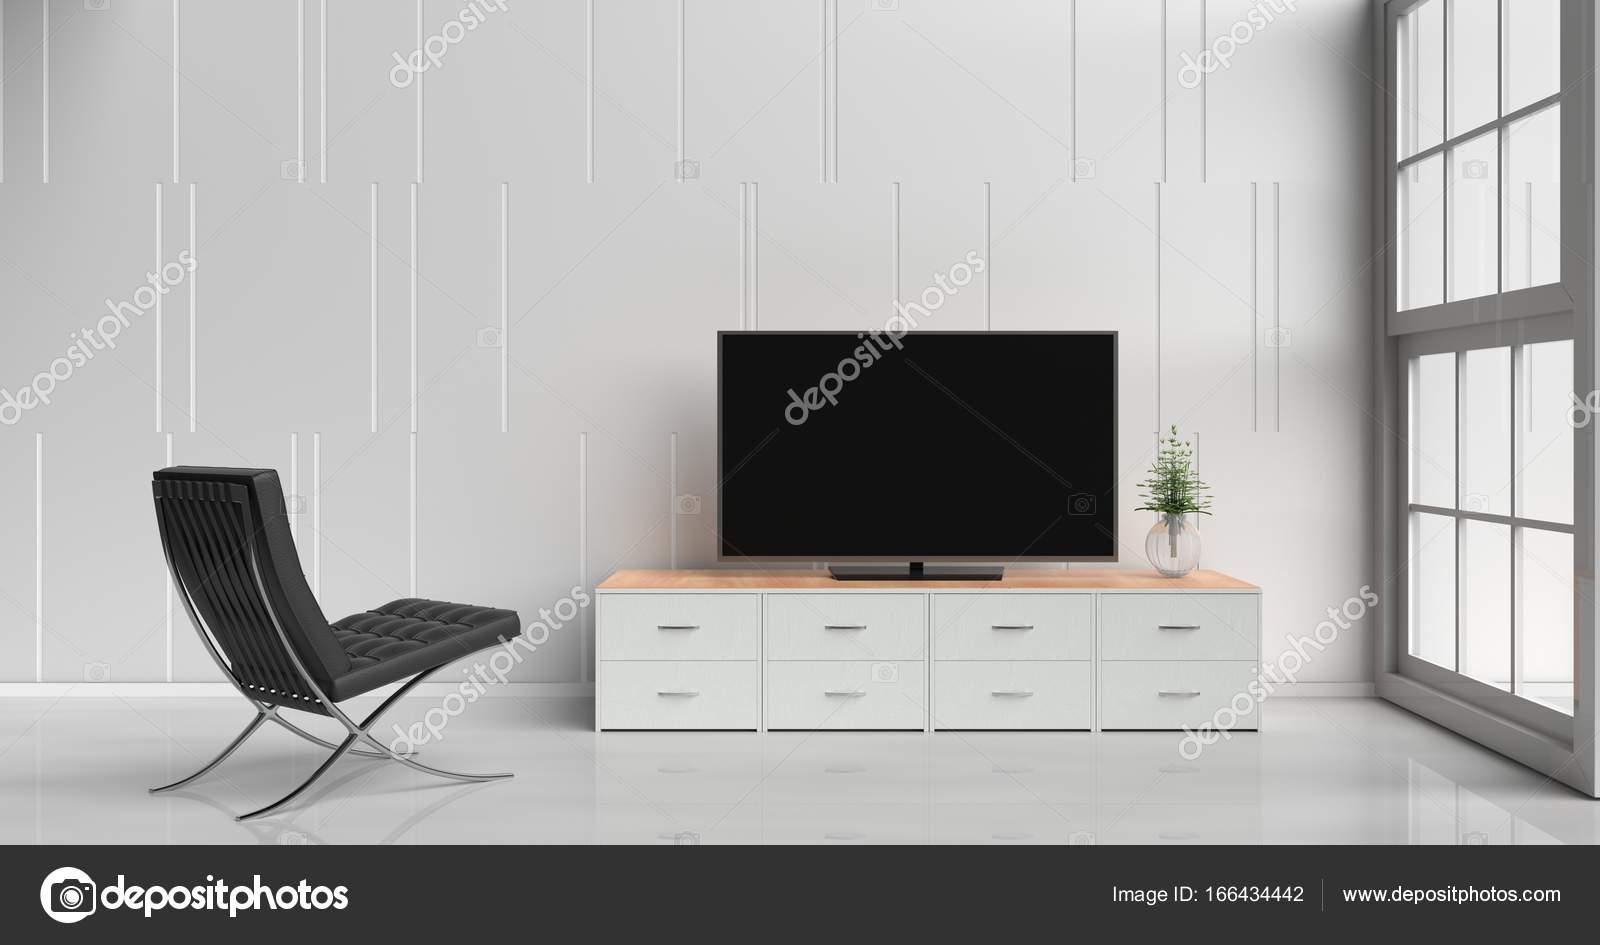 Carrinho Da Tev Inteligente Na Tv Na Sala De Estar Branca Decorada  -> Vasos Na Sala De Tv